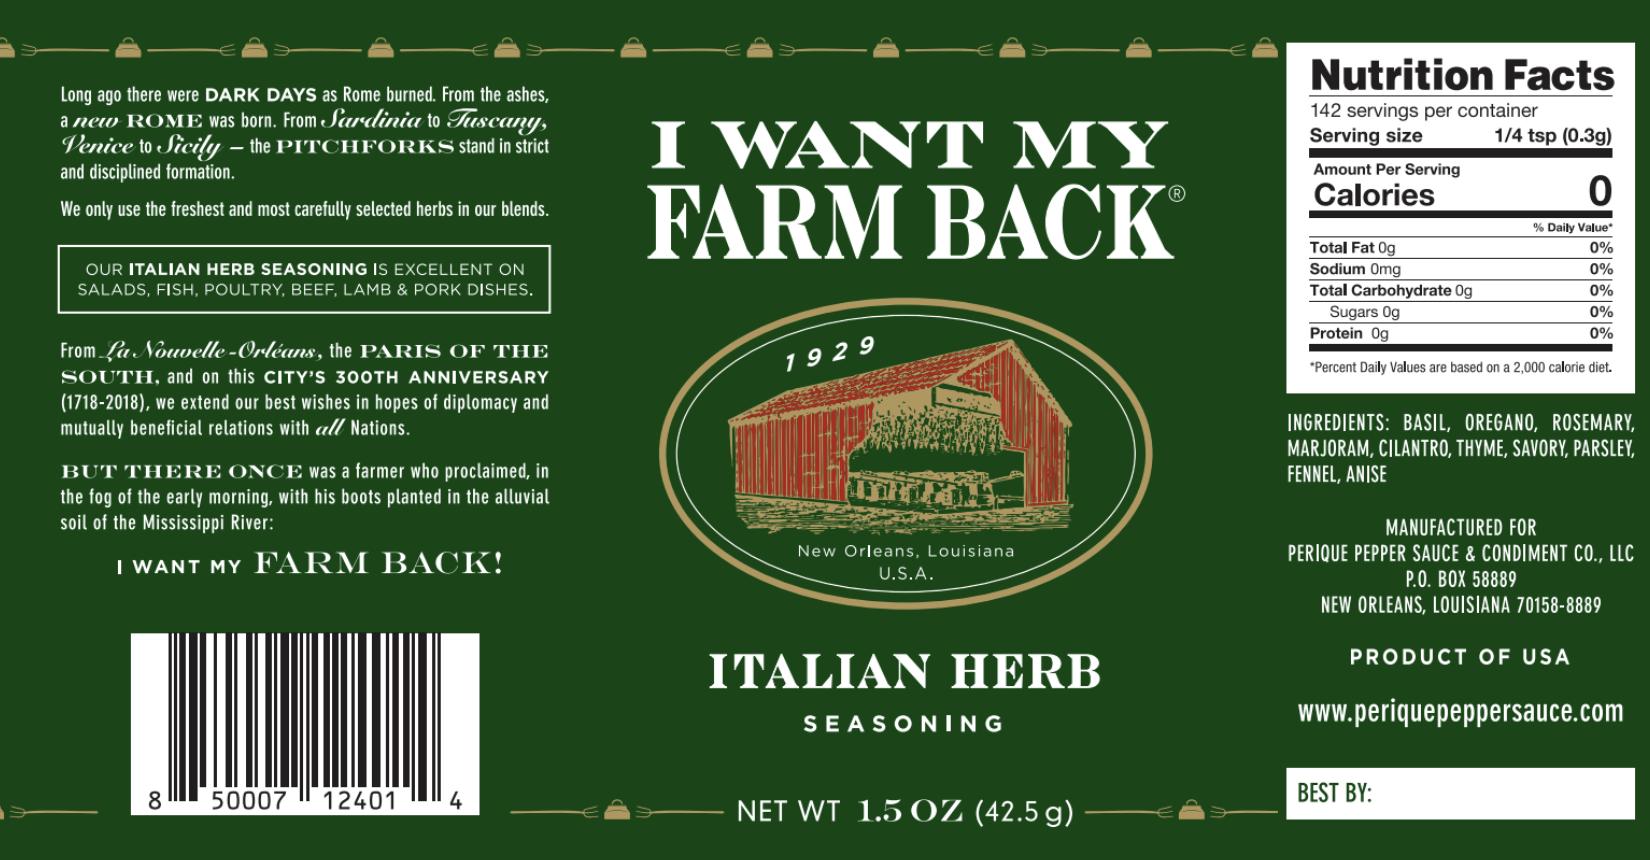 IWMFB 800x400 Italian Herb